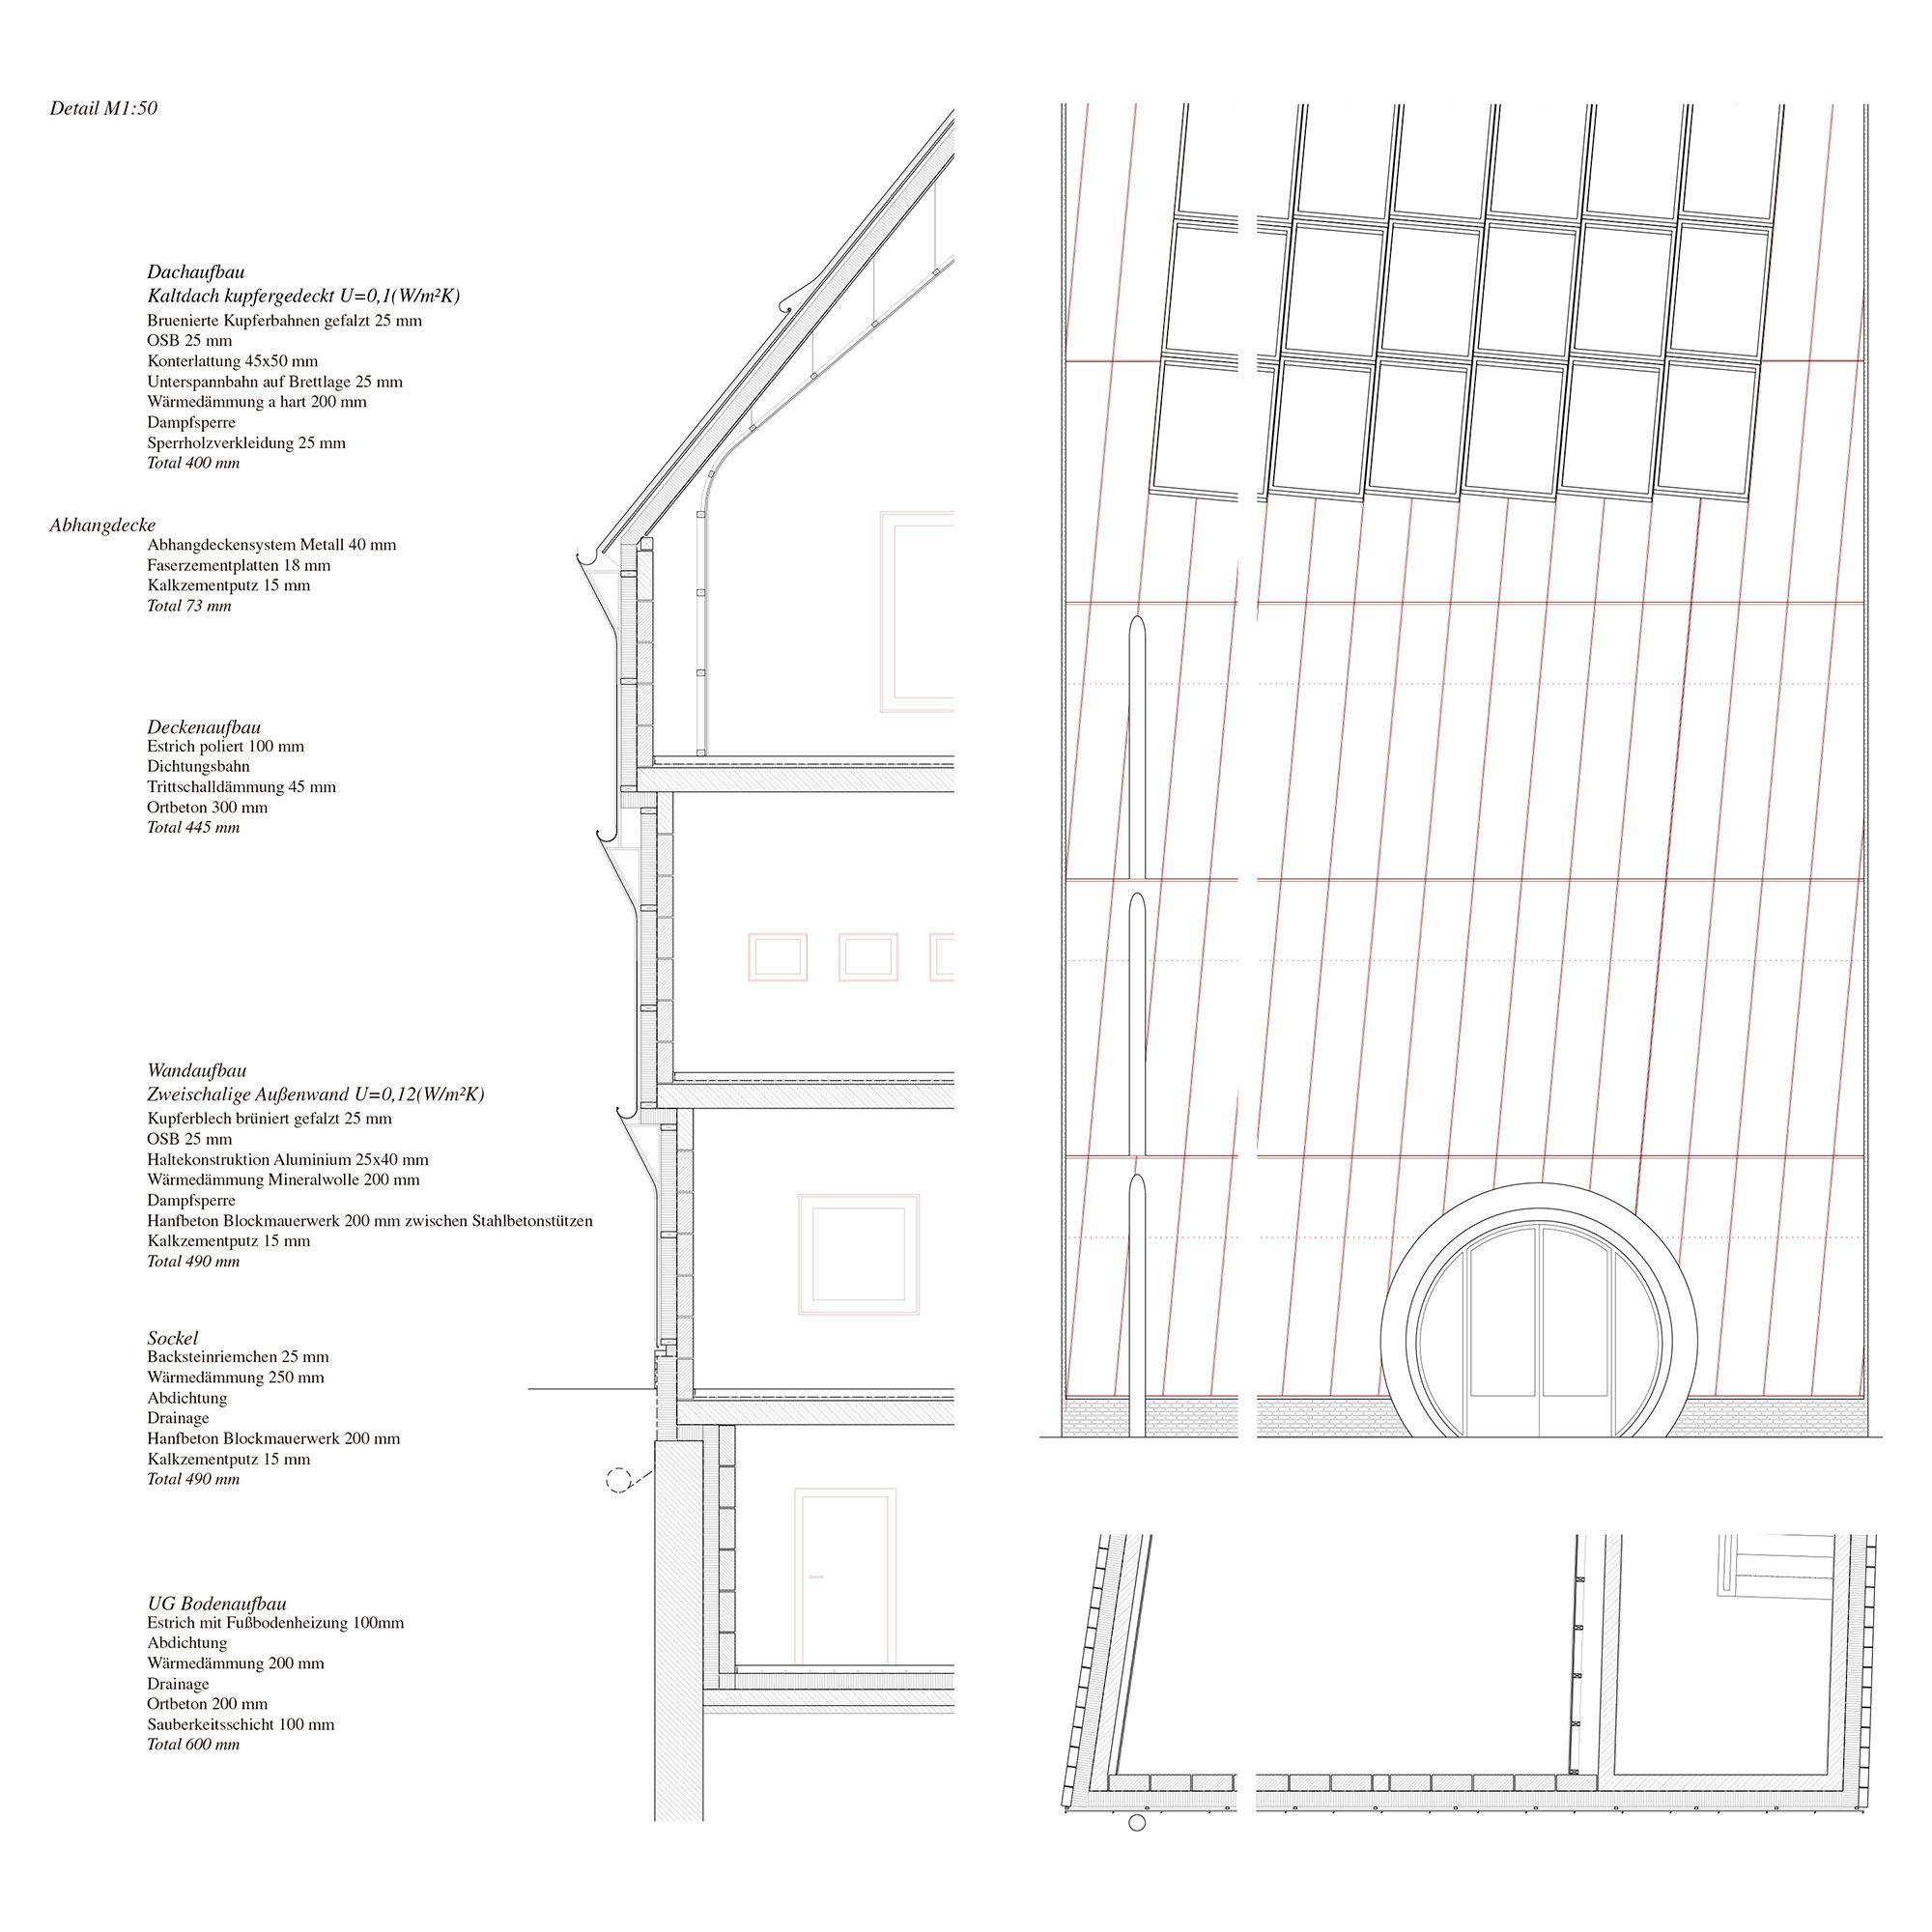 6a Kuqua Gallery Gottingen 10 Jpg 2000 2000